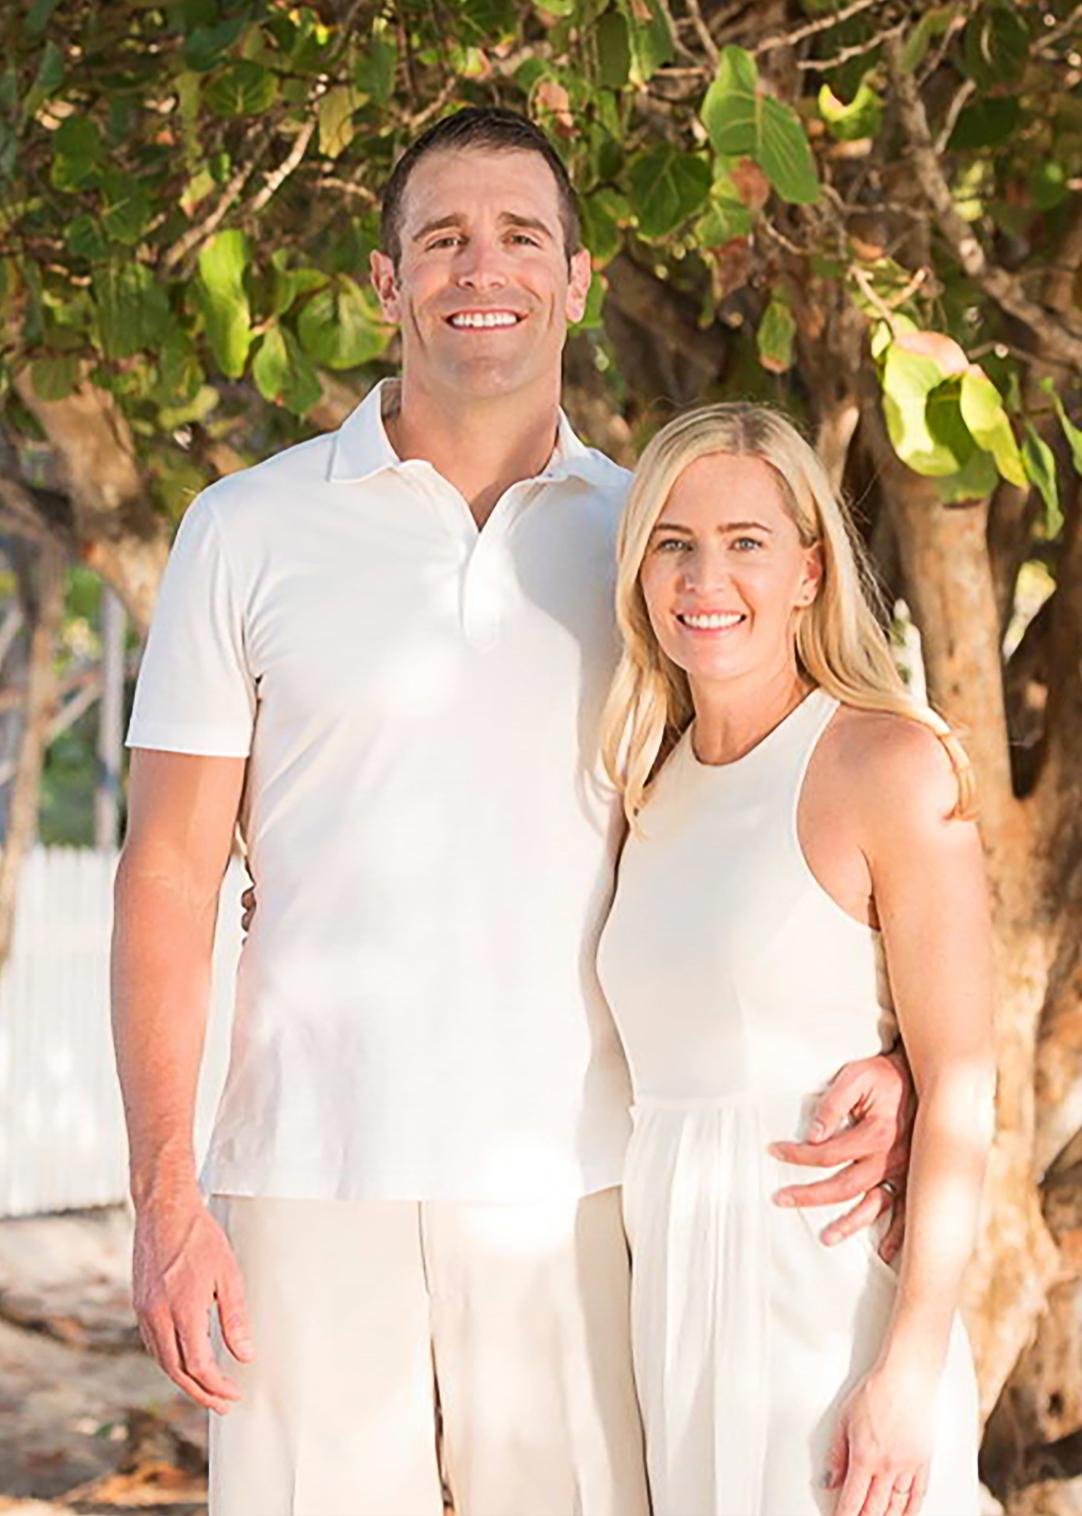 Tom & Jess Biolchini